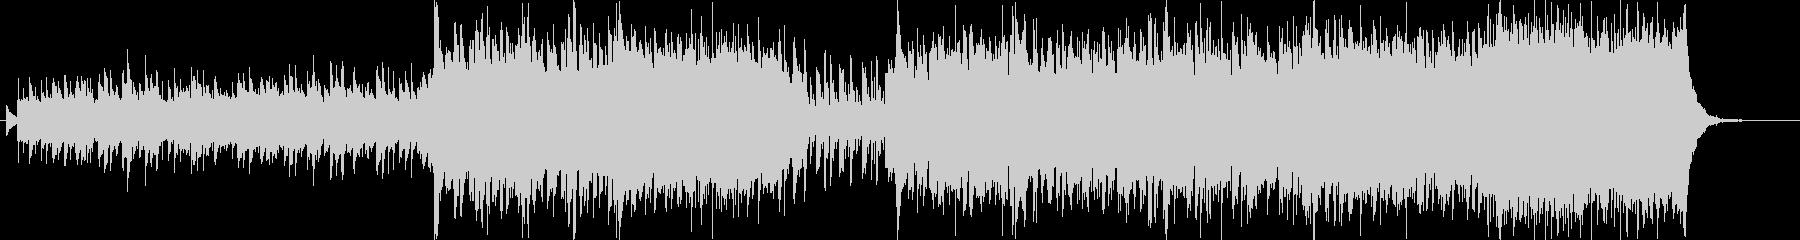 白鳥の湖 ポップアレンジ曲の未再生の波形